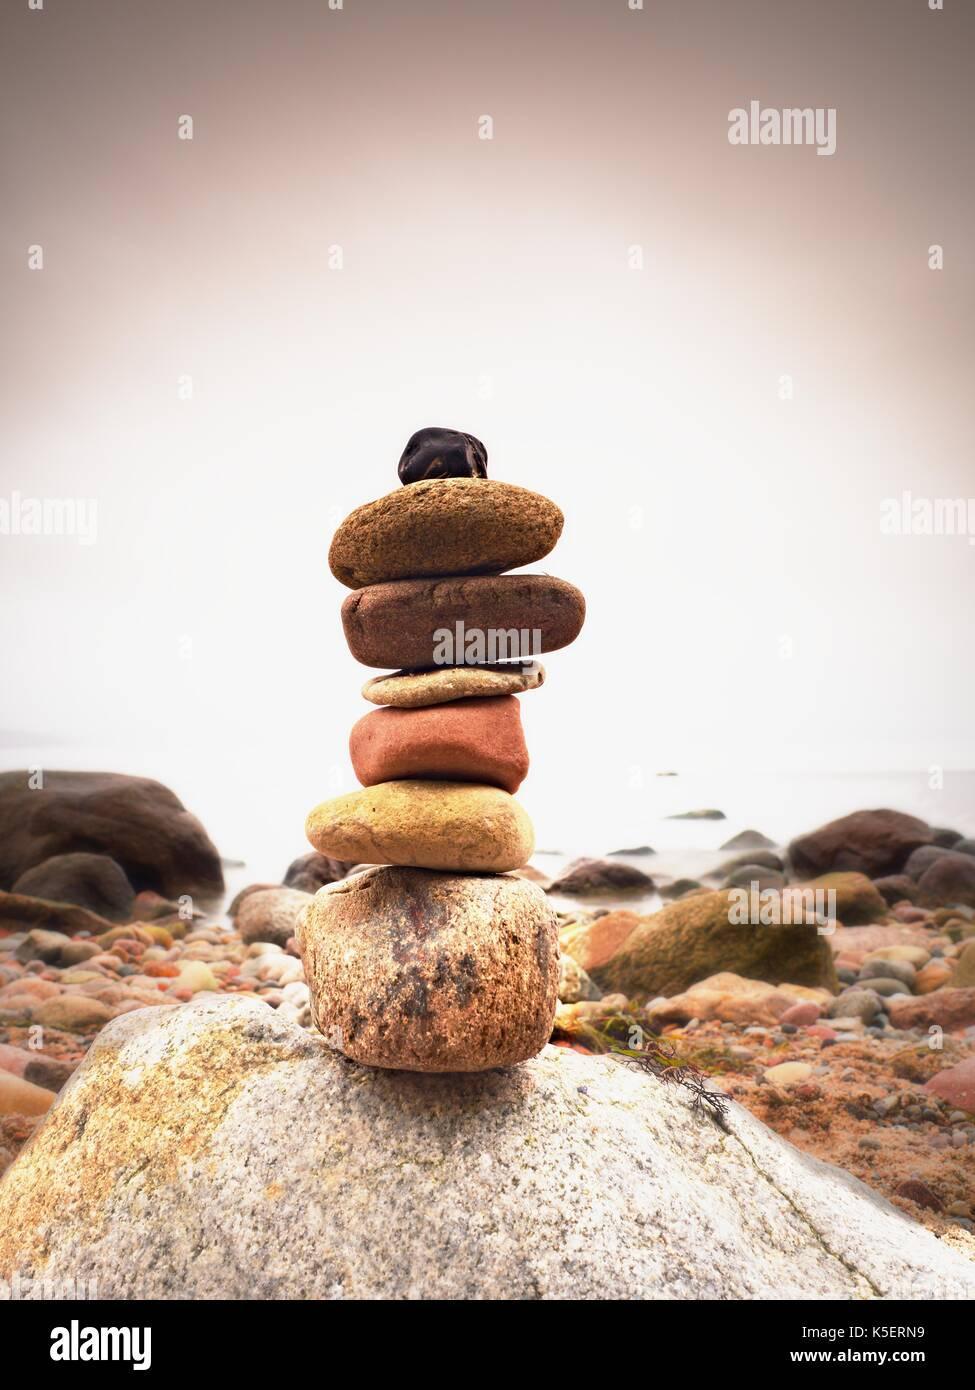 Pyramide des pierres symbolisant le zen, l'harmonie, l'équilibre de cailloux. ocean in background. Décoration pierres plates pour la méditation couchée sur stony mer plage Photo Stock